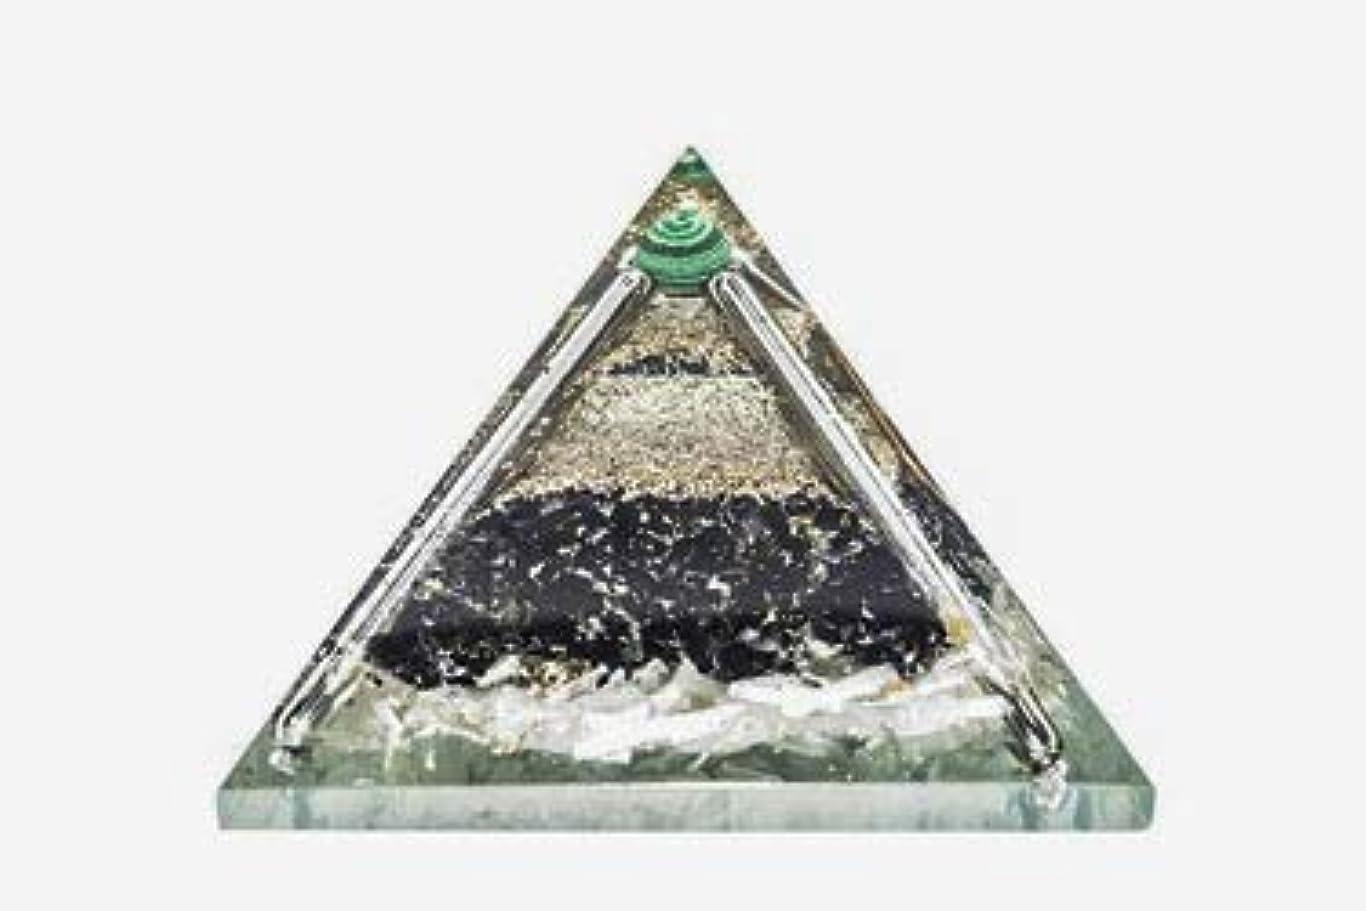 然とした見て予約crocon Exclusive砂漠のブラックトルマリンOrgone Pyramid with Green MalachiteボールエネルギージェネレータレイキHealingオーラクレンジング& EMFの保護サイズ: 2.5...